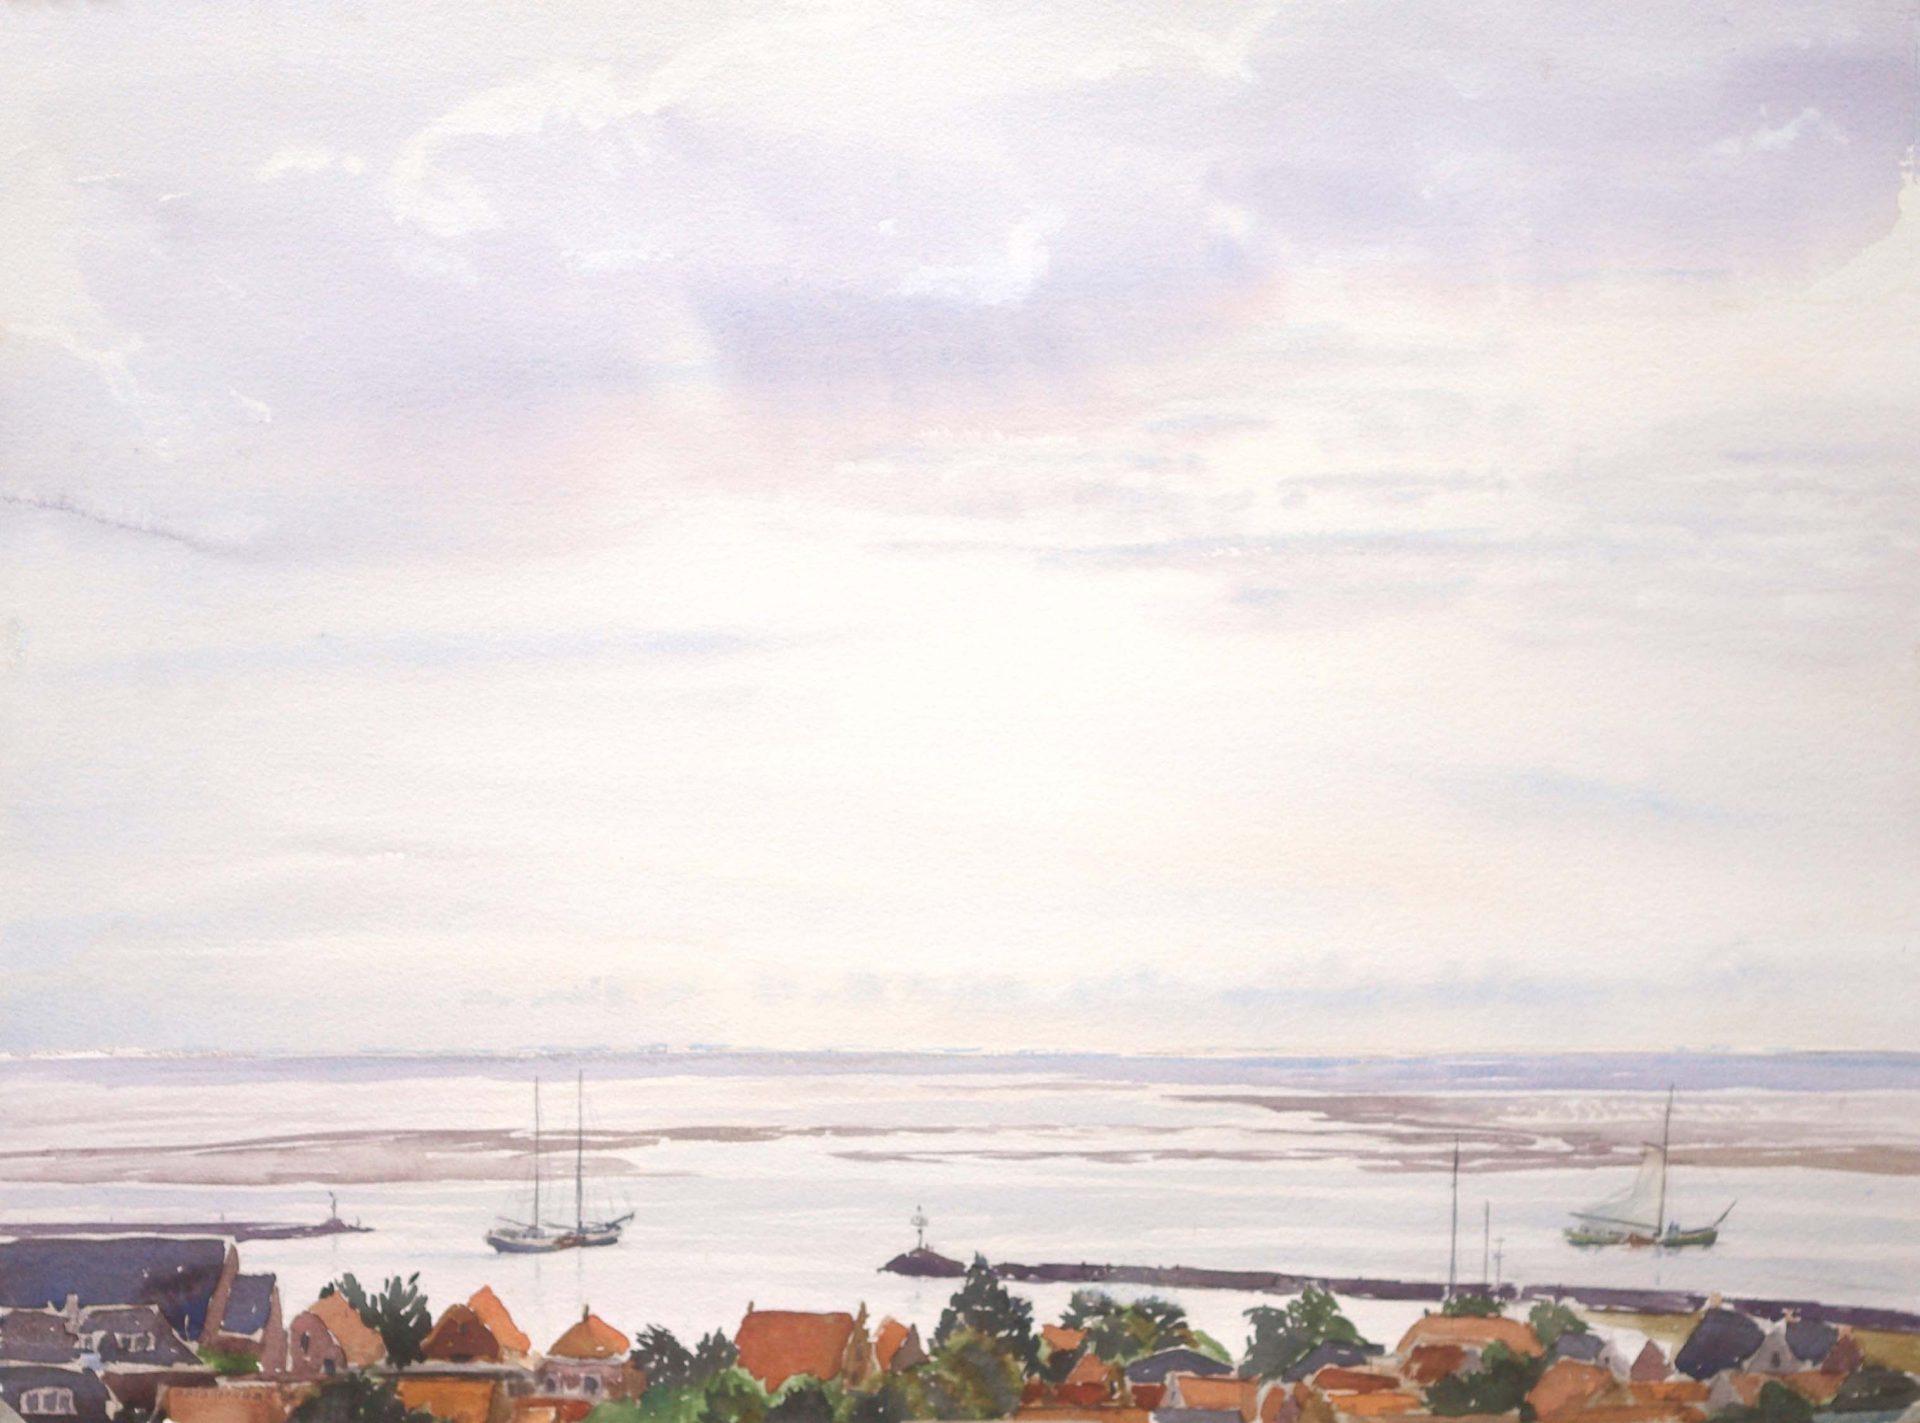 Twee Zeilschepen bruine vloot varen haven Terschelling uit .Uitzicht over Waddenzee